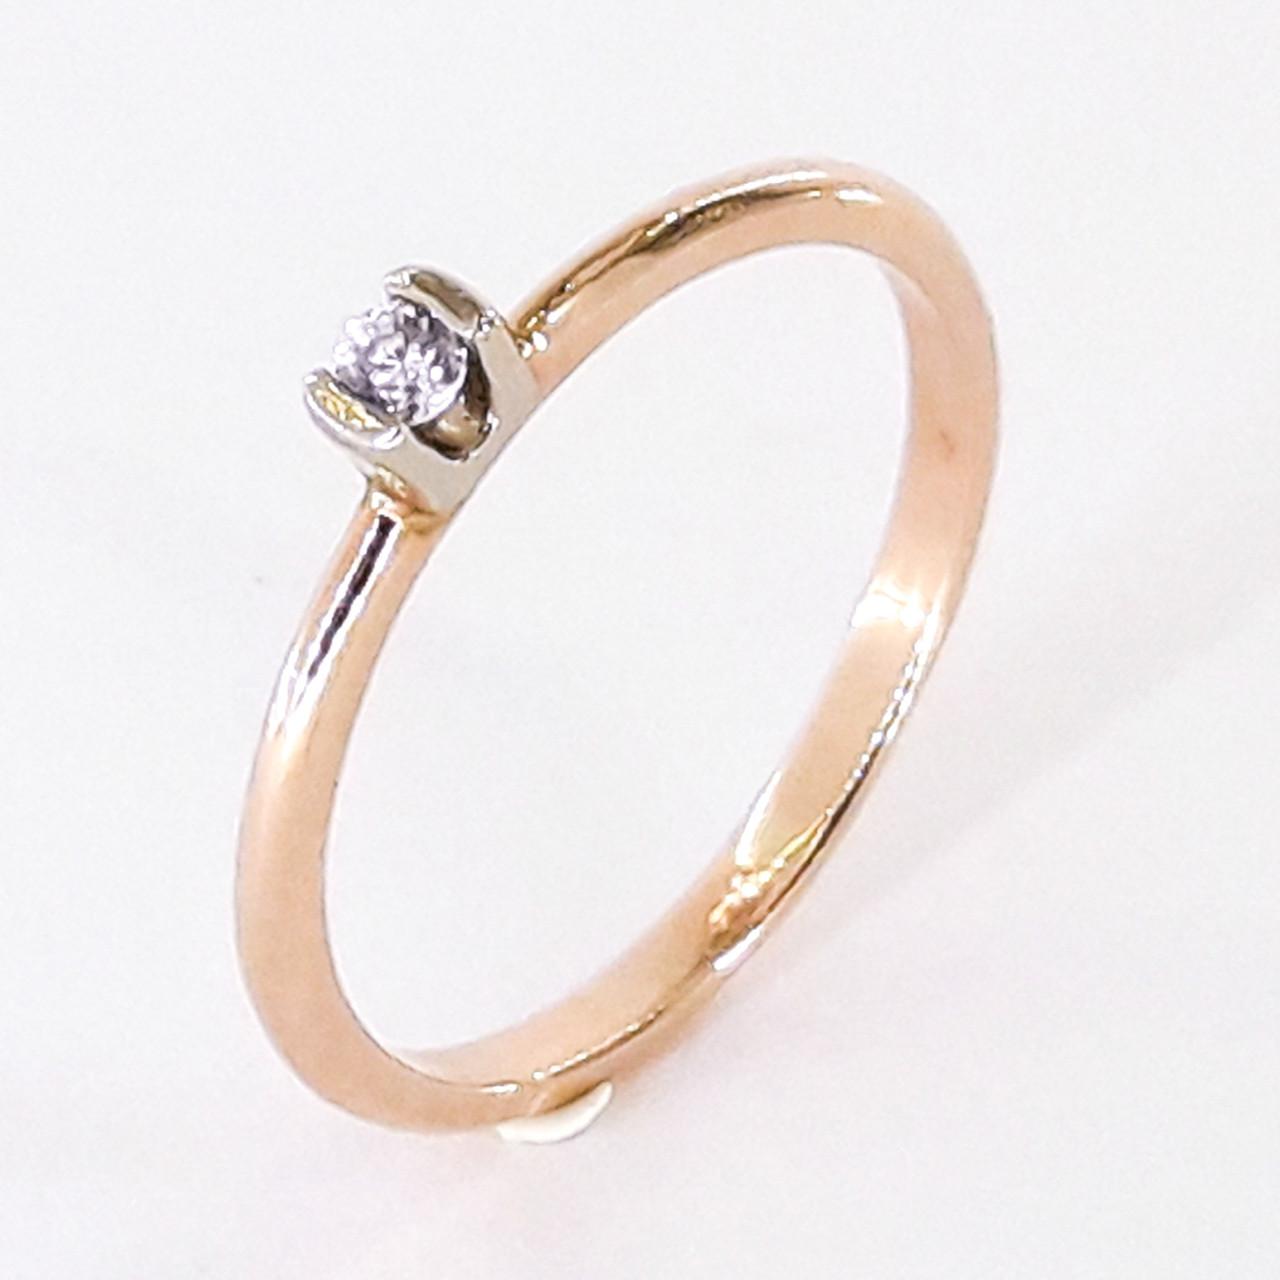 Золоте кольцо 585 проби 17 розмір